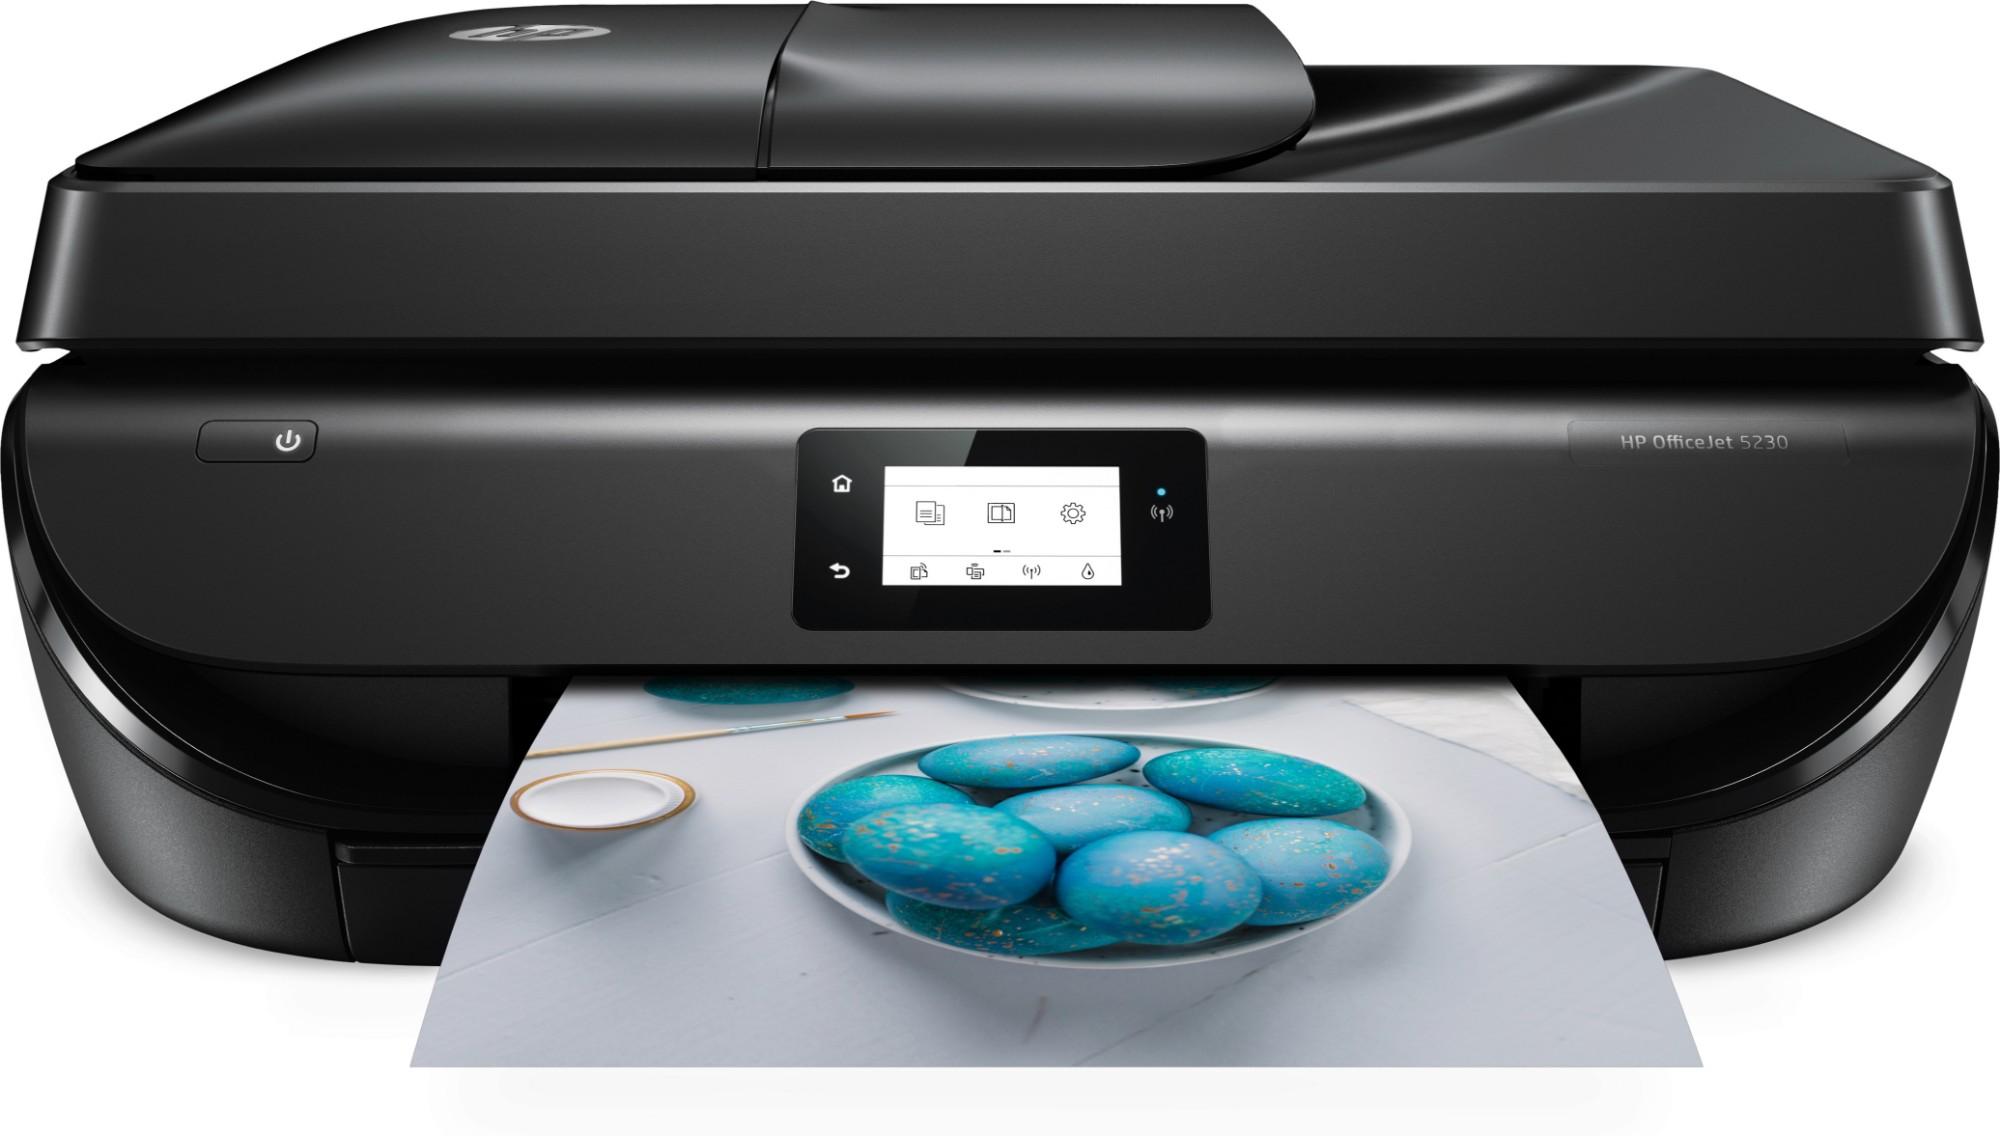 HP OfficeJet 5230 Inkjet 10 ppm 4800 x 1200 DPI A4 Wi-Fi